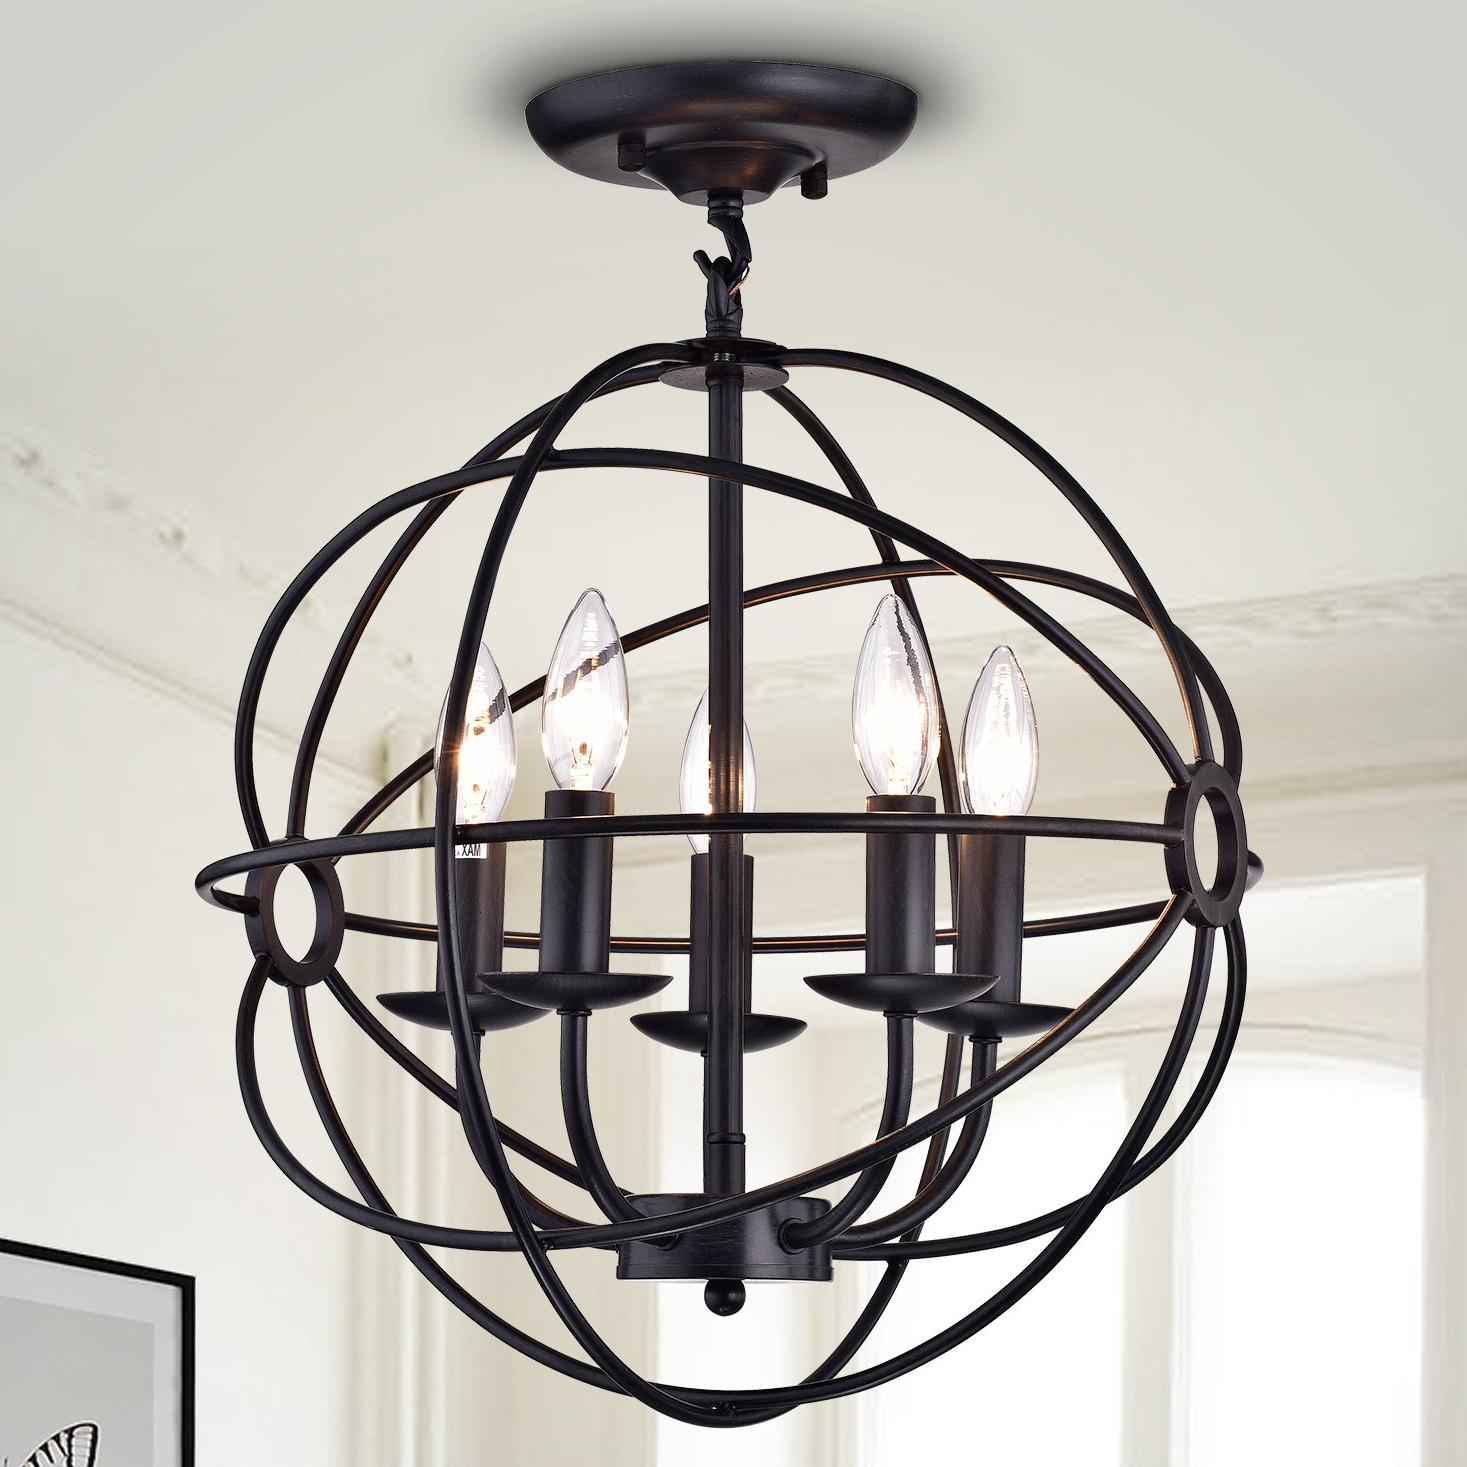 Newest Cavanagh 4 Light Geometric Chandeliers Inside 5 Light Globe Chandelier (Gallery 15 of 20)